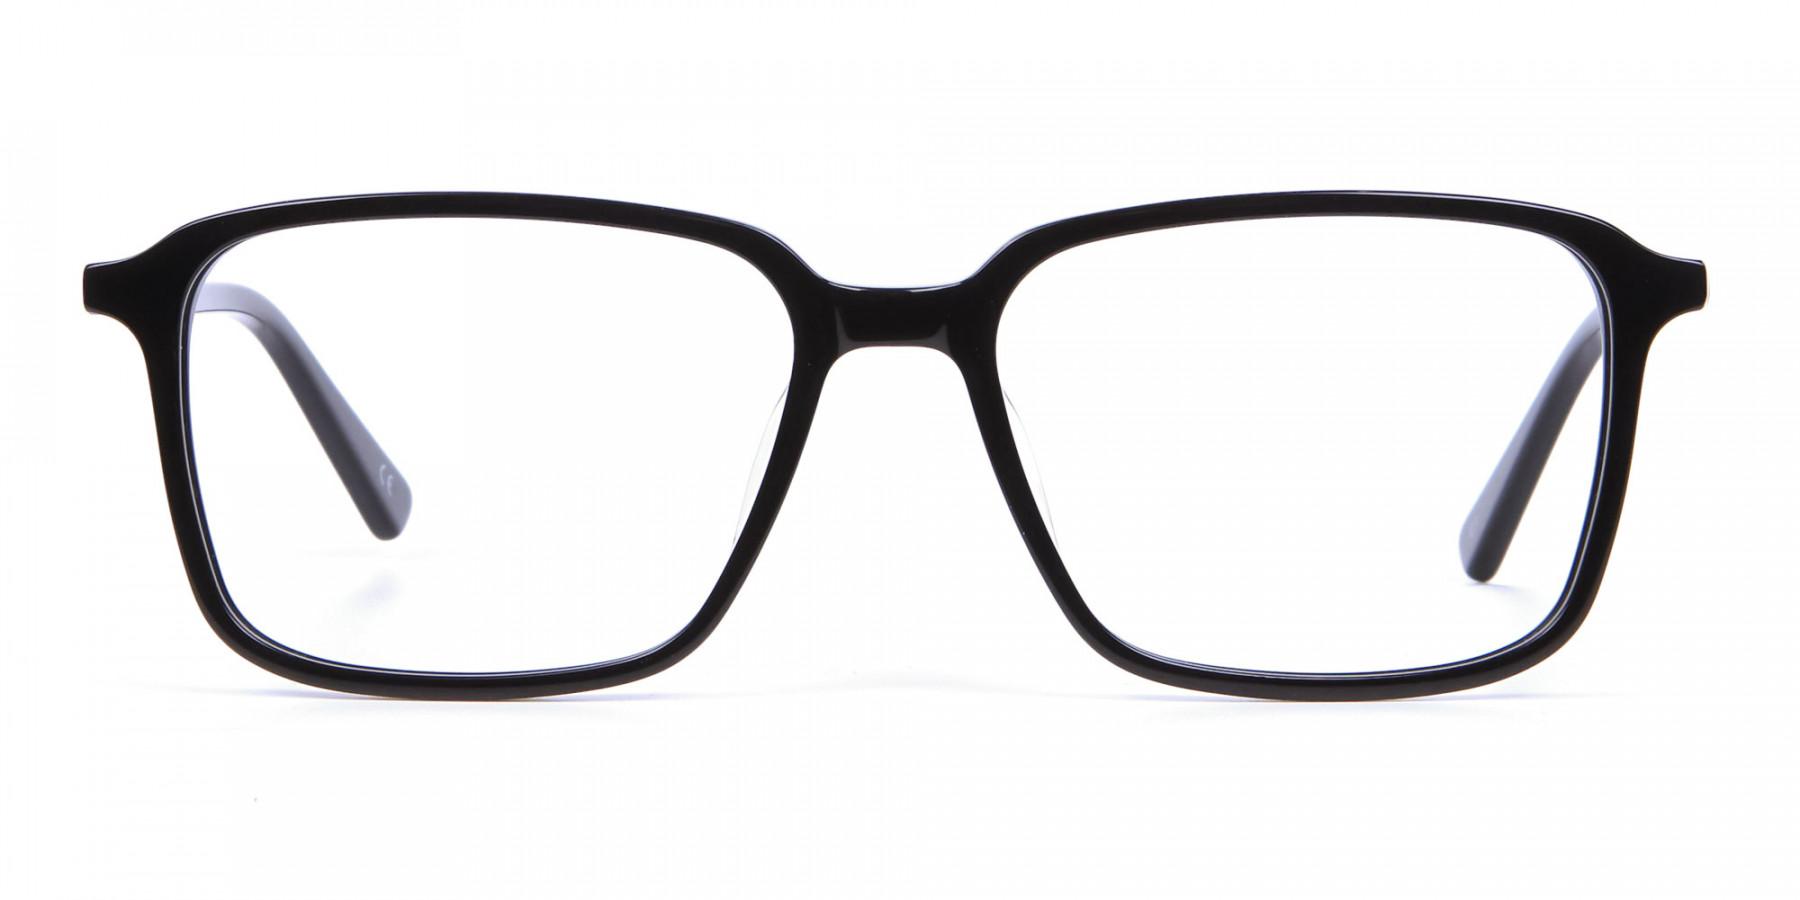 Black Rectangular Glasses